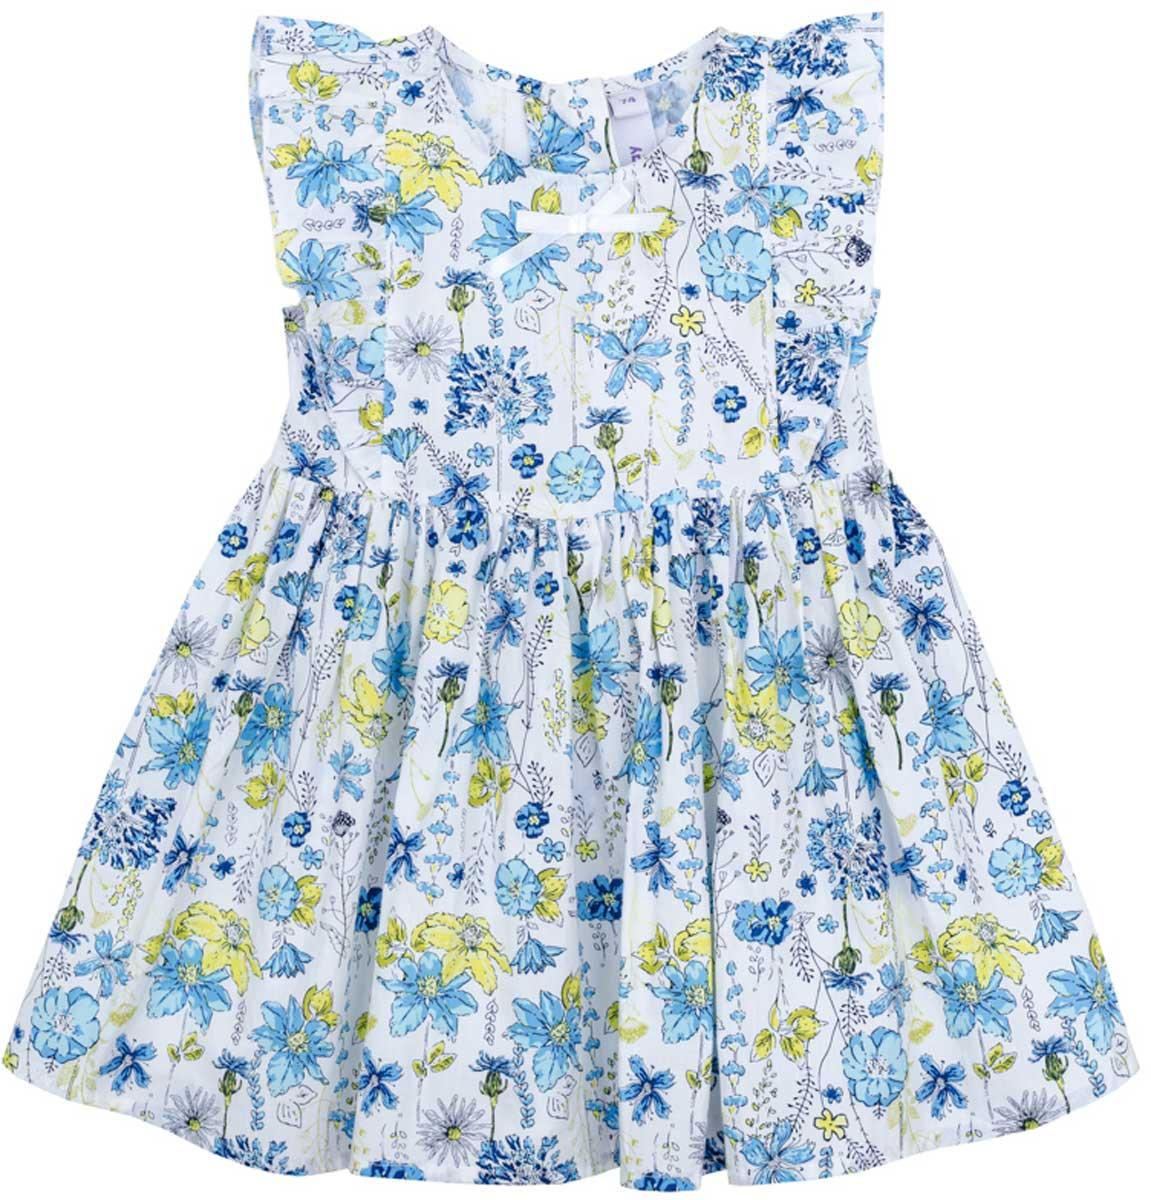 Платье178058Платье PlayToday, отрезное по талии, с округлым вырезом у горловины, и набивным нежным рисунком понравится вашей моднице. Свободный крой не сковывает движений. Приятная на ощупь ткань не раздражает нежную кожу ребенка. Модель декорирована оборками.